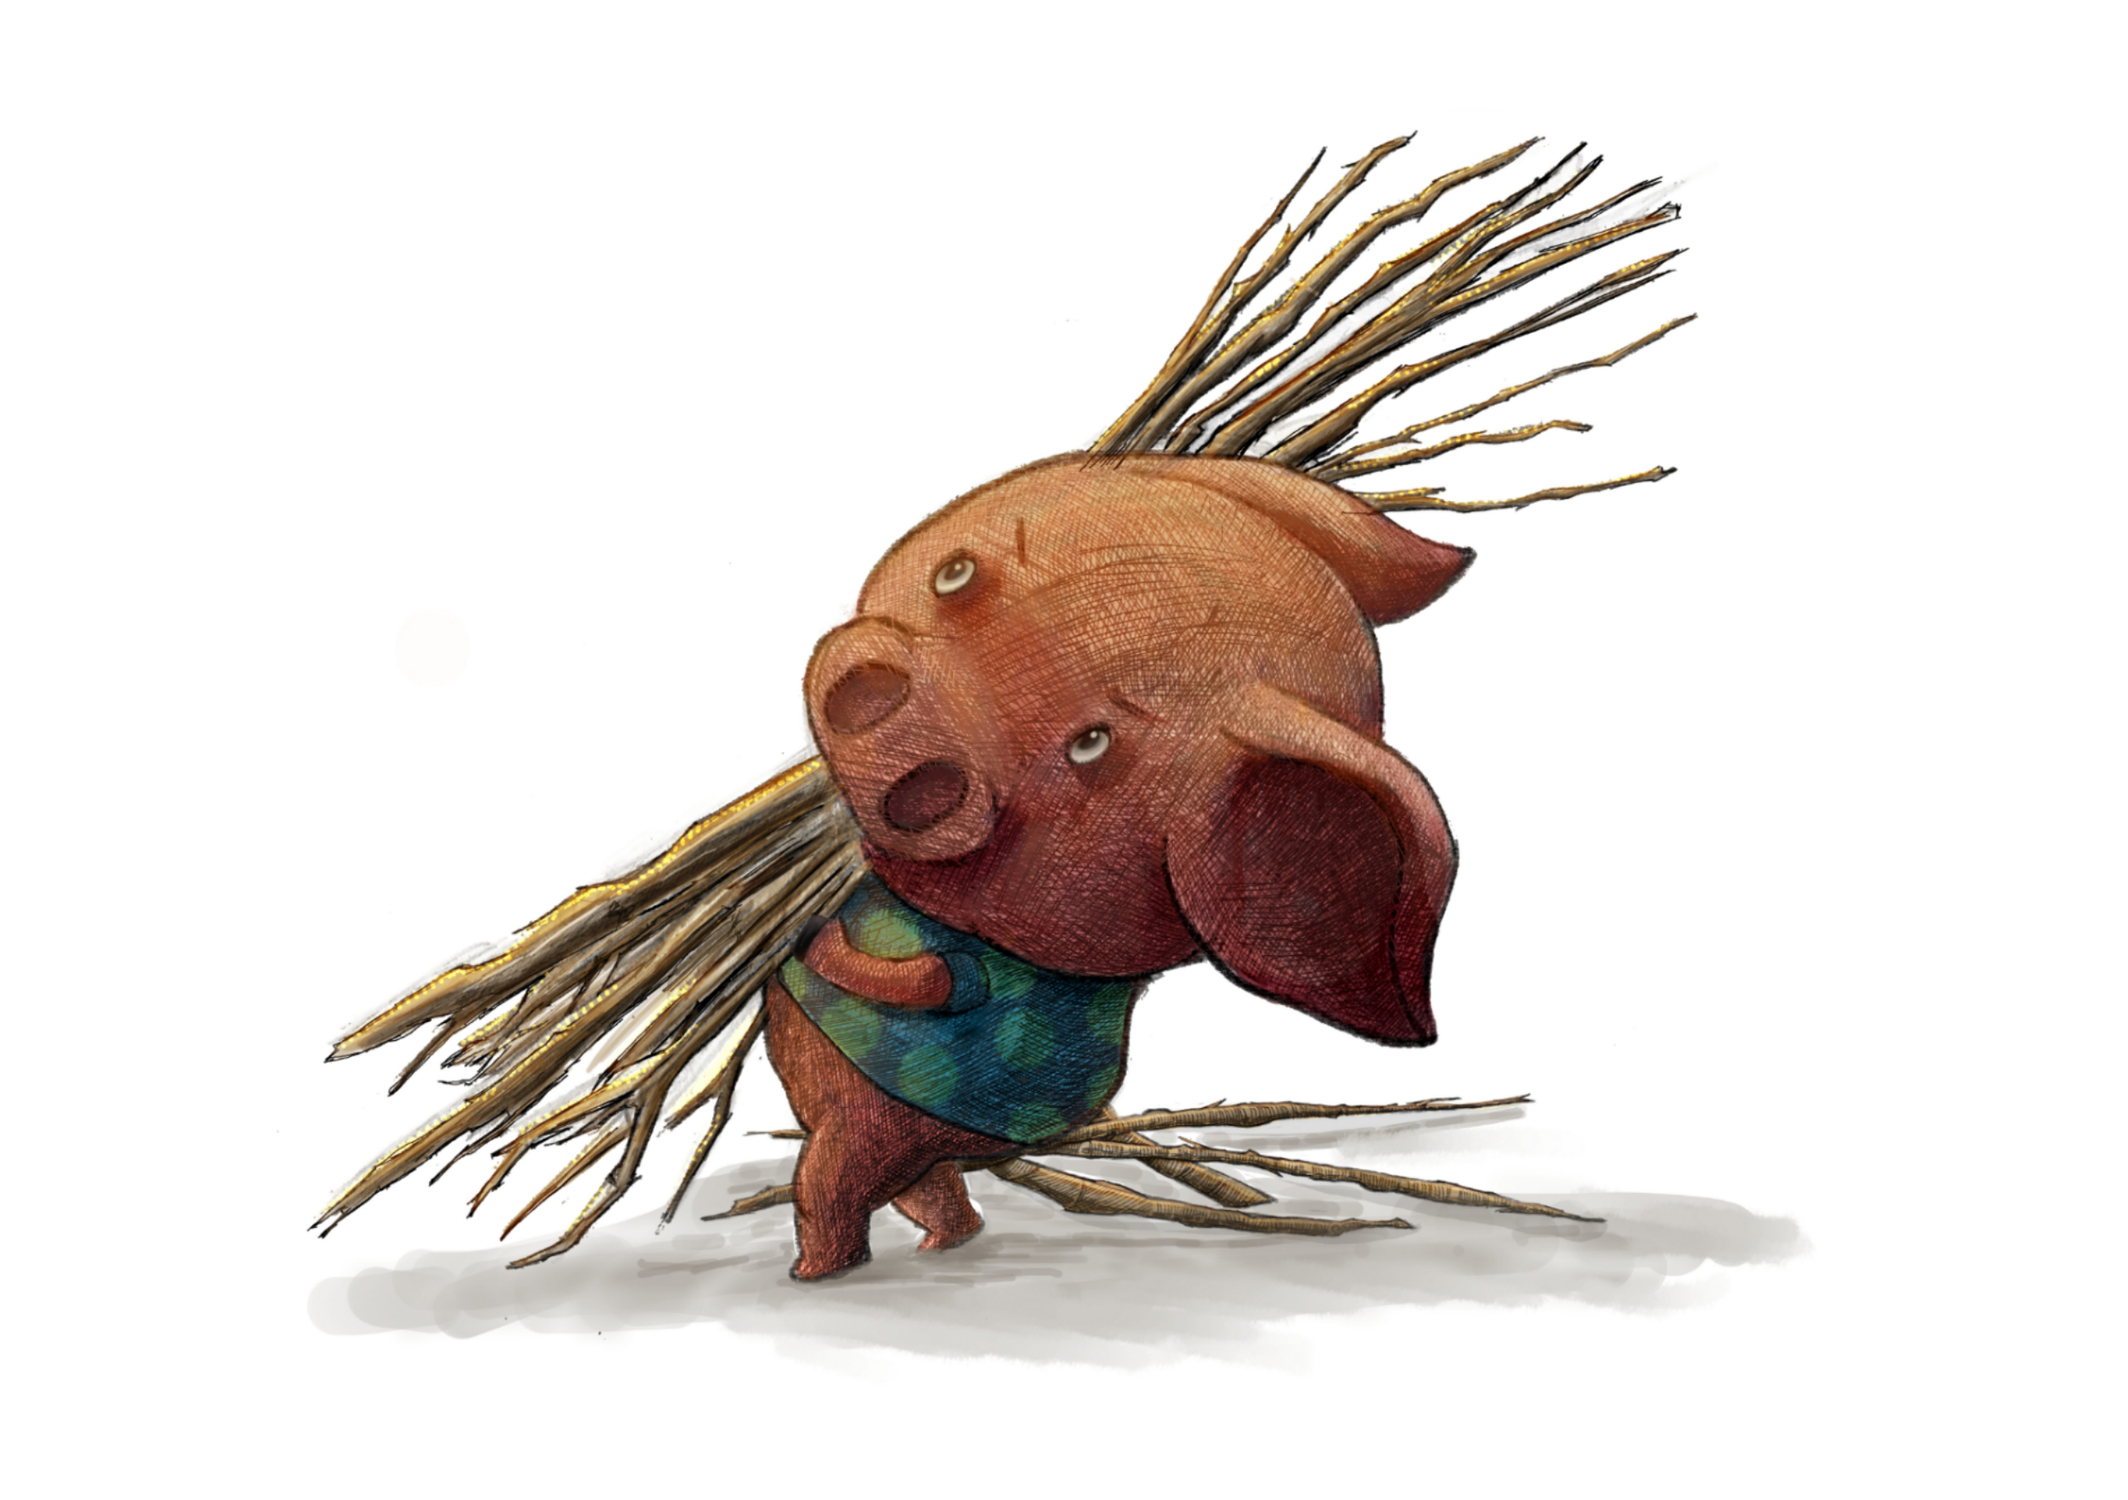 Pig of Sticks Artwork by Julian Beresford